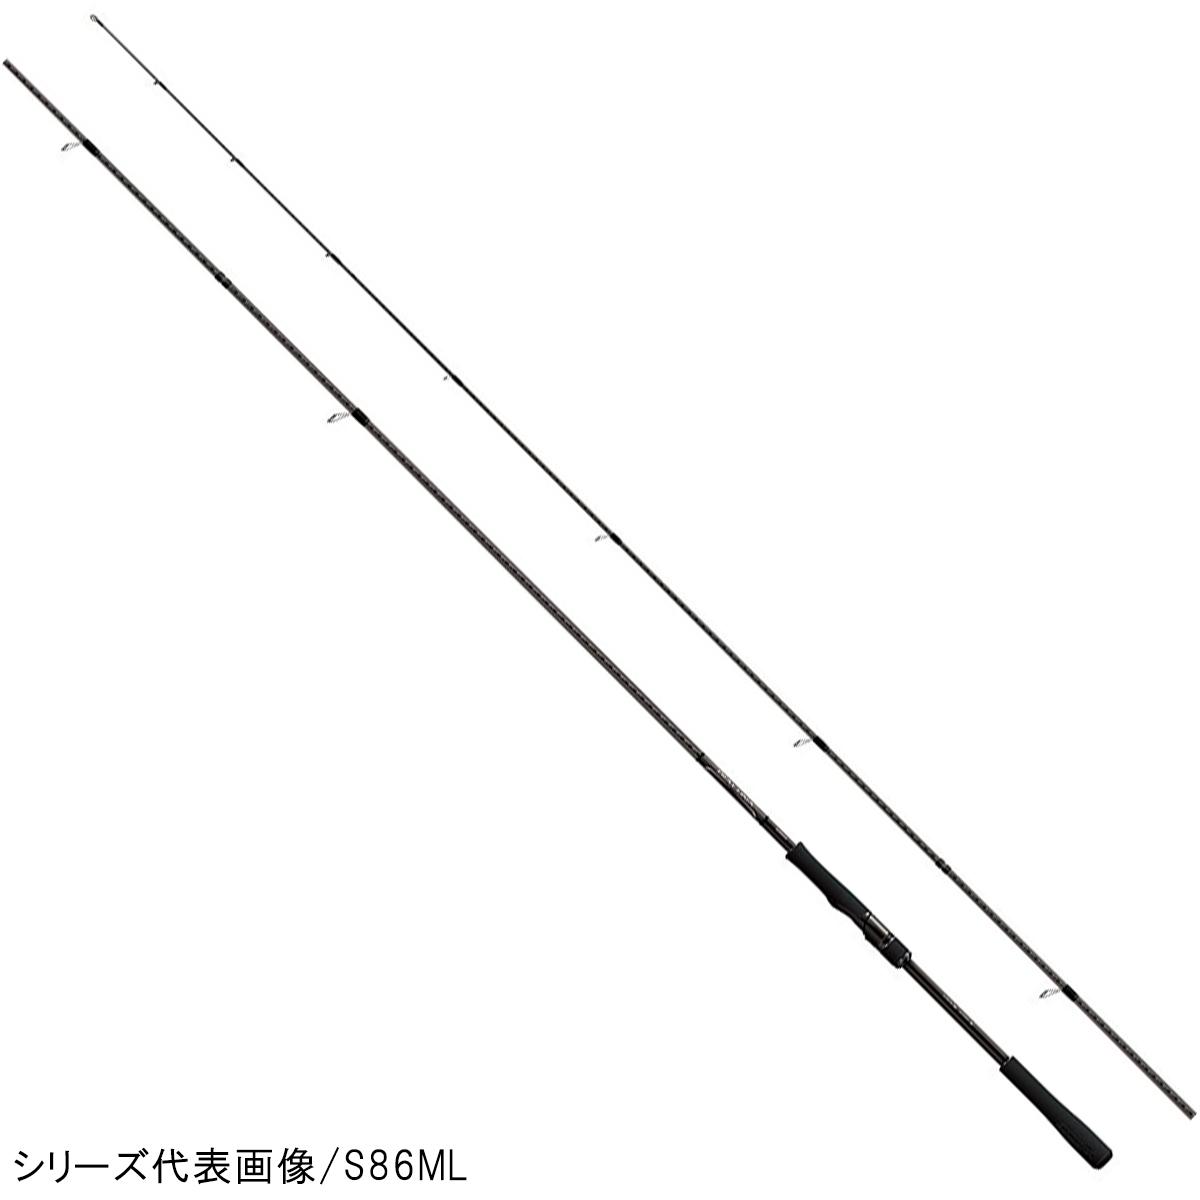 シマノ ディアルーナ (スピニング) S96M(東日本店)